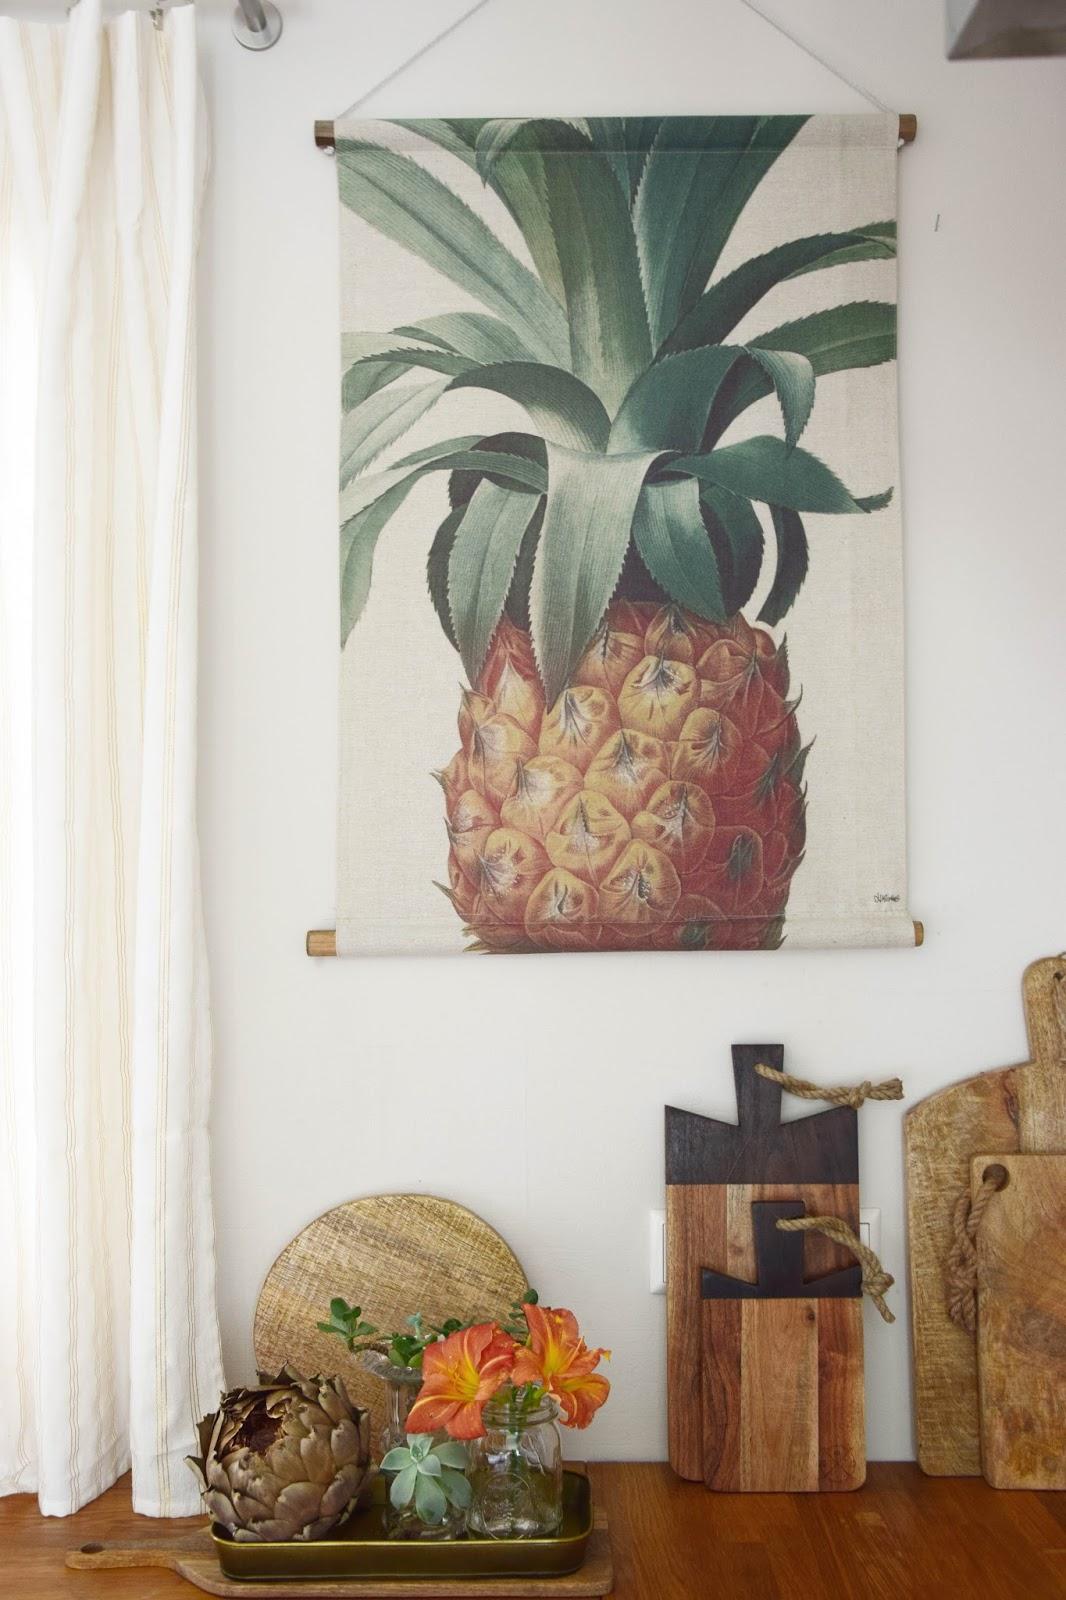 meine küche: ananas für die wand! | eclectic hamilton, Wohnzimmer dekoo